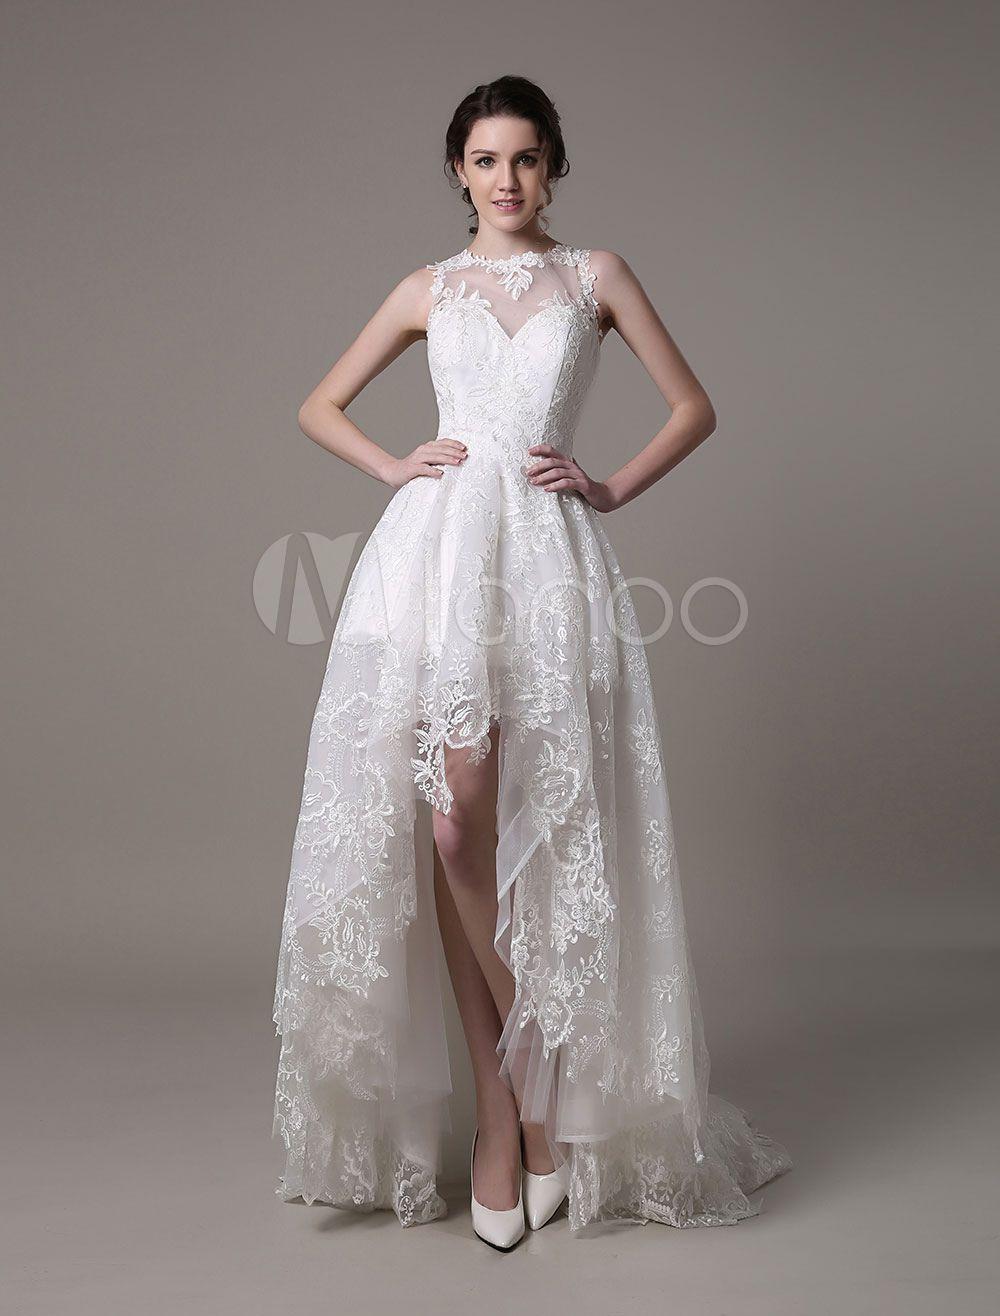 Cheap high low wedding dresses  Robe de mariée  en dentelle ivoire avec dentelle Cou translucide